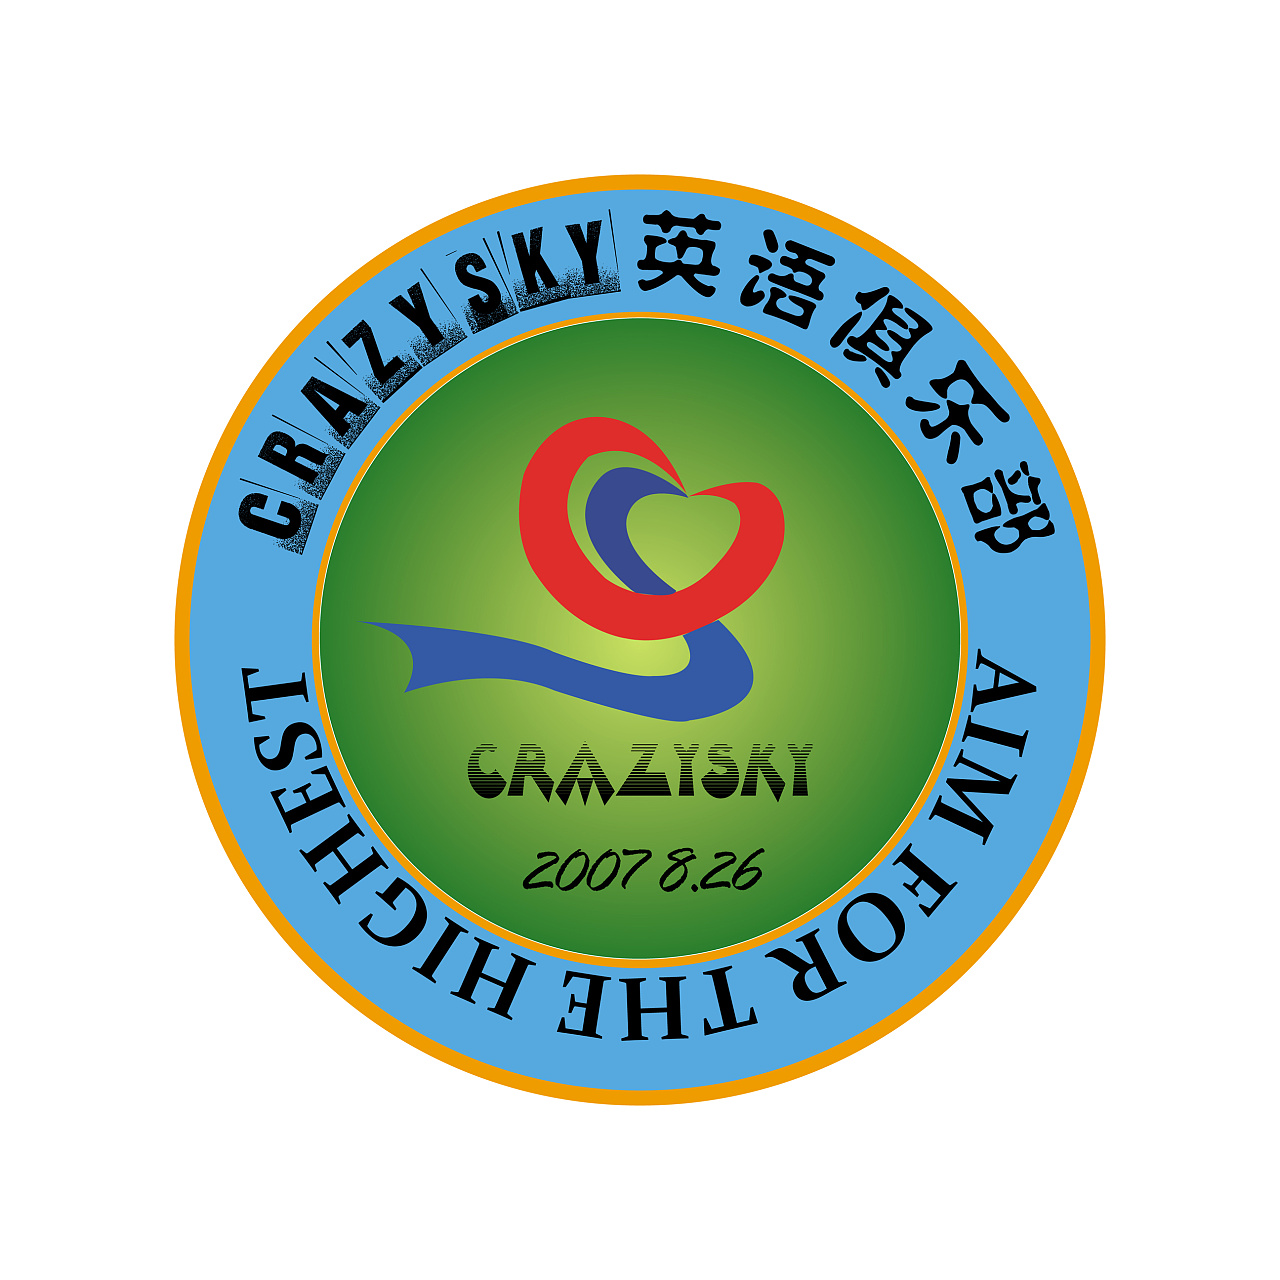 哈尔滨商业大学crazysky英语口语俱乐部图片